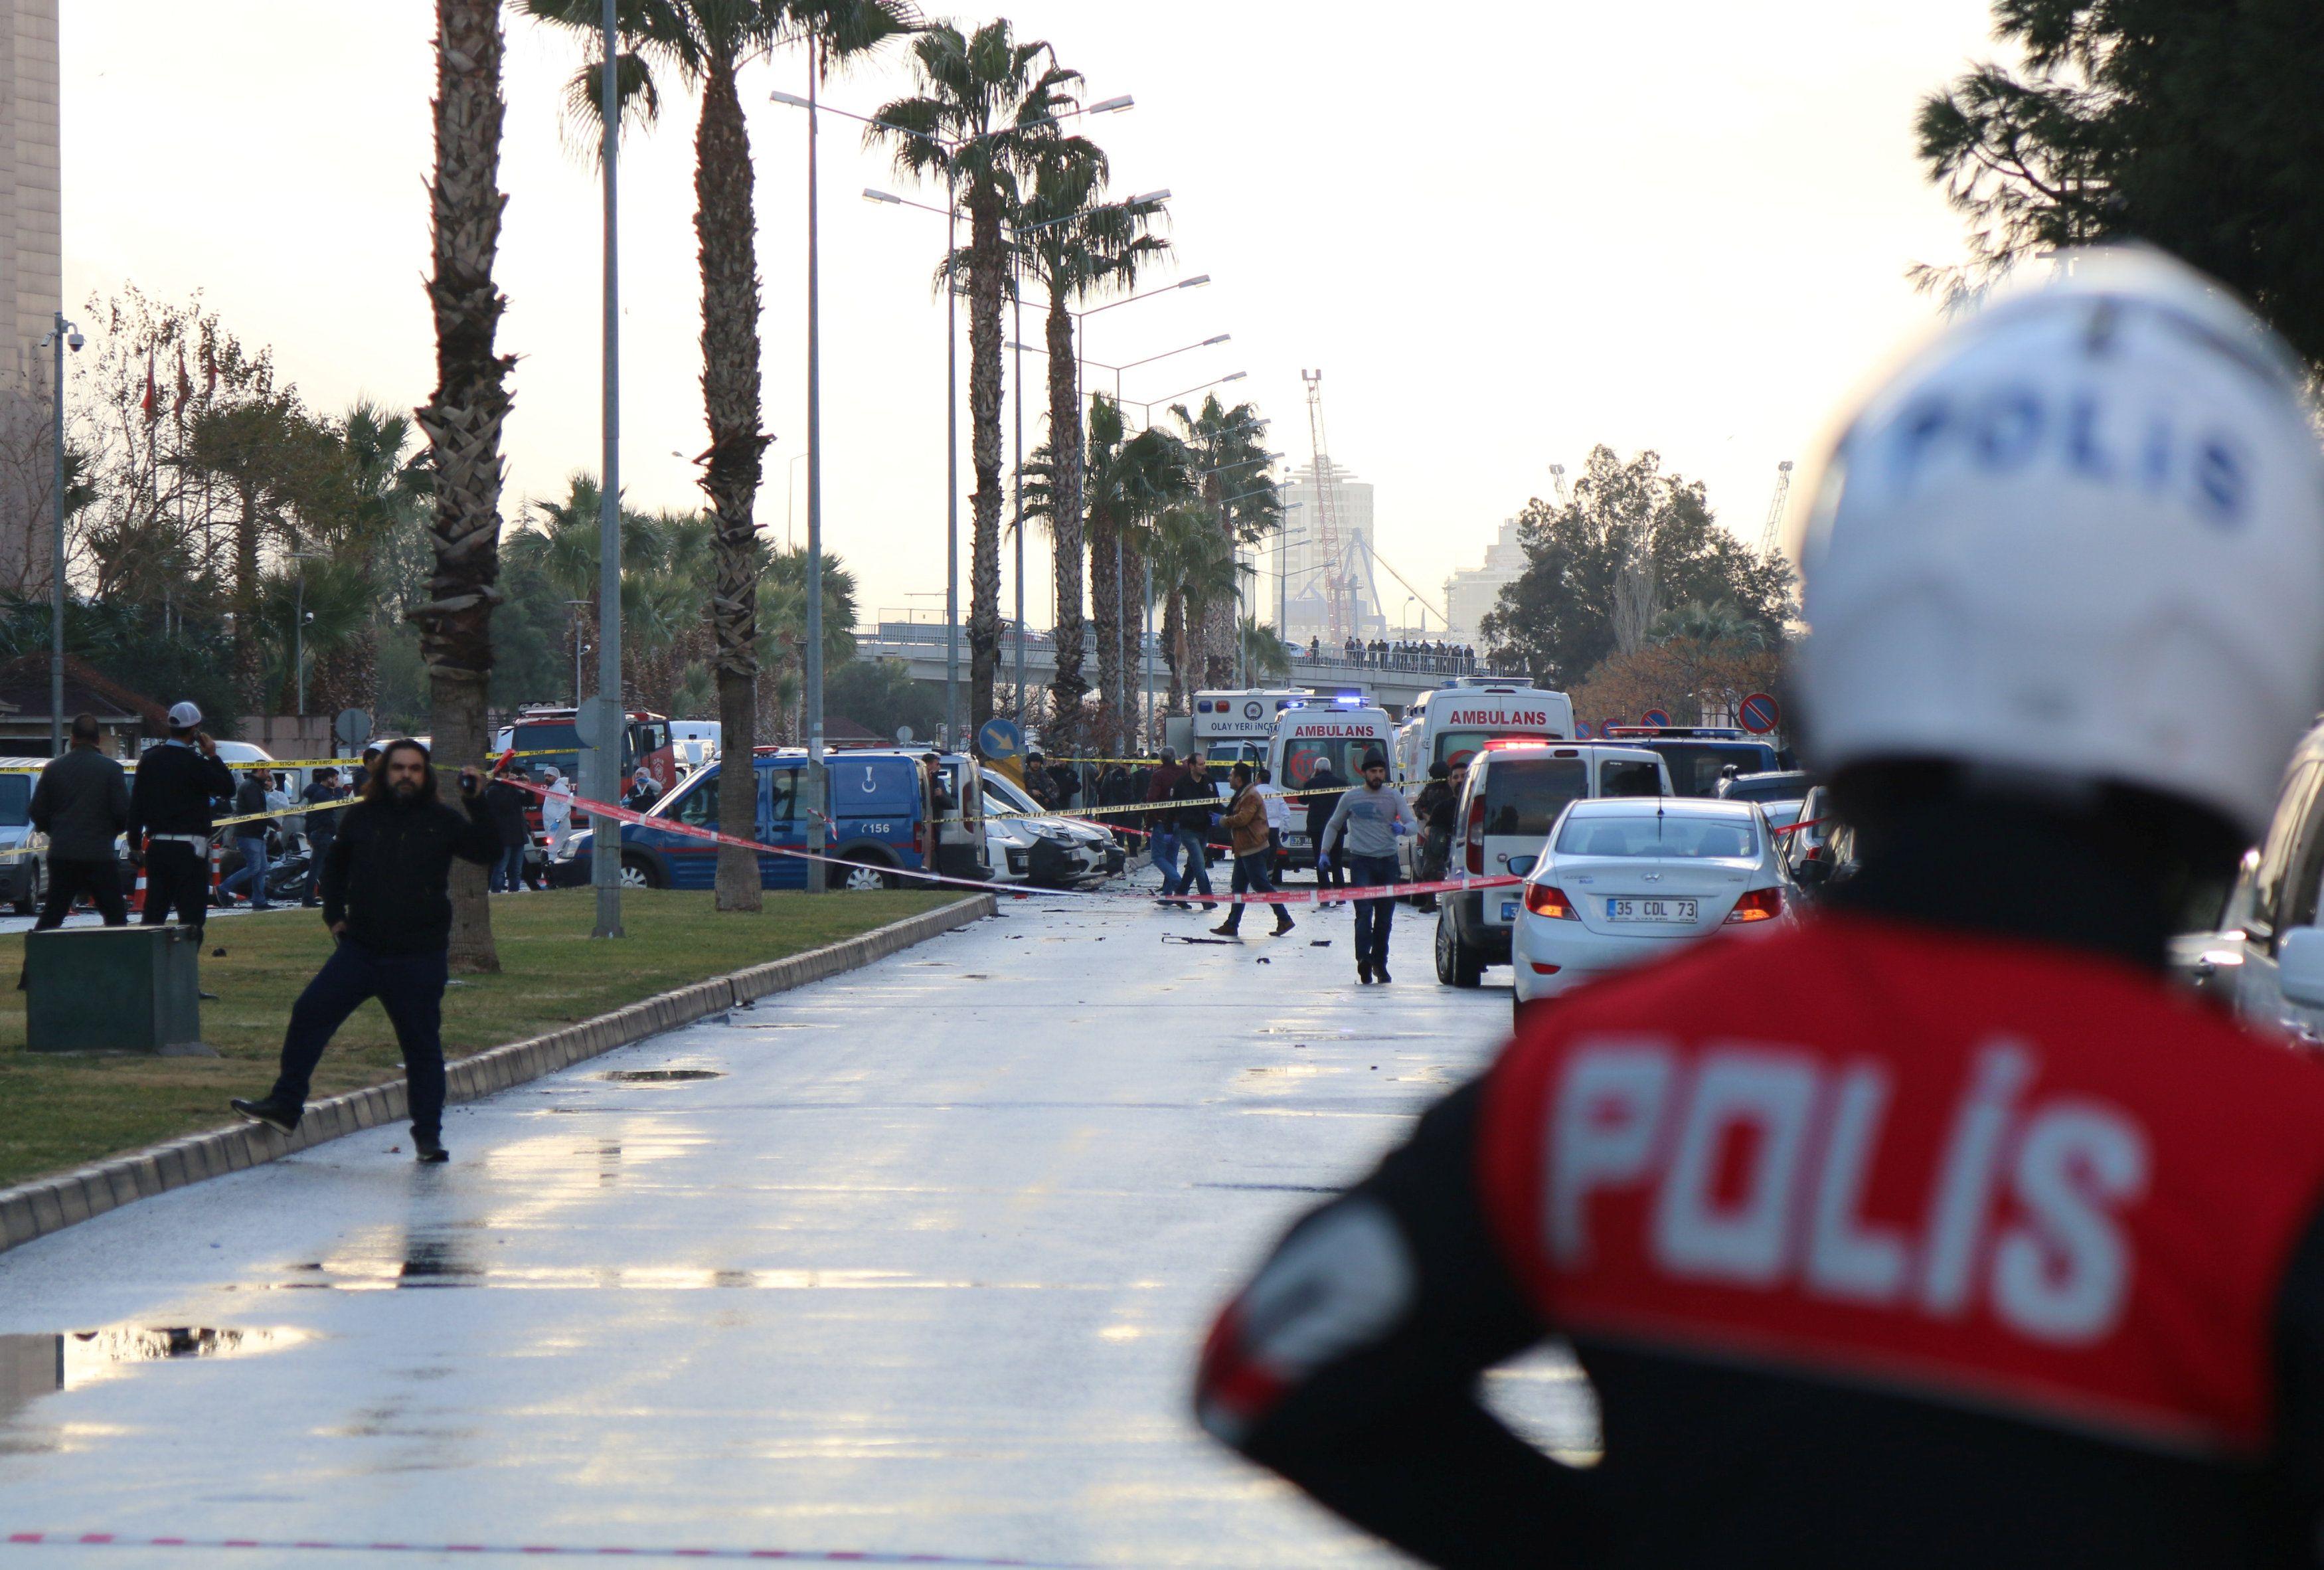 В ходе спецоперации полицейские открыли огонь по автомобилю, который пытался скрыться от преследования